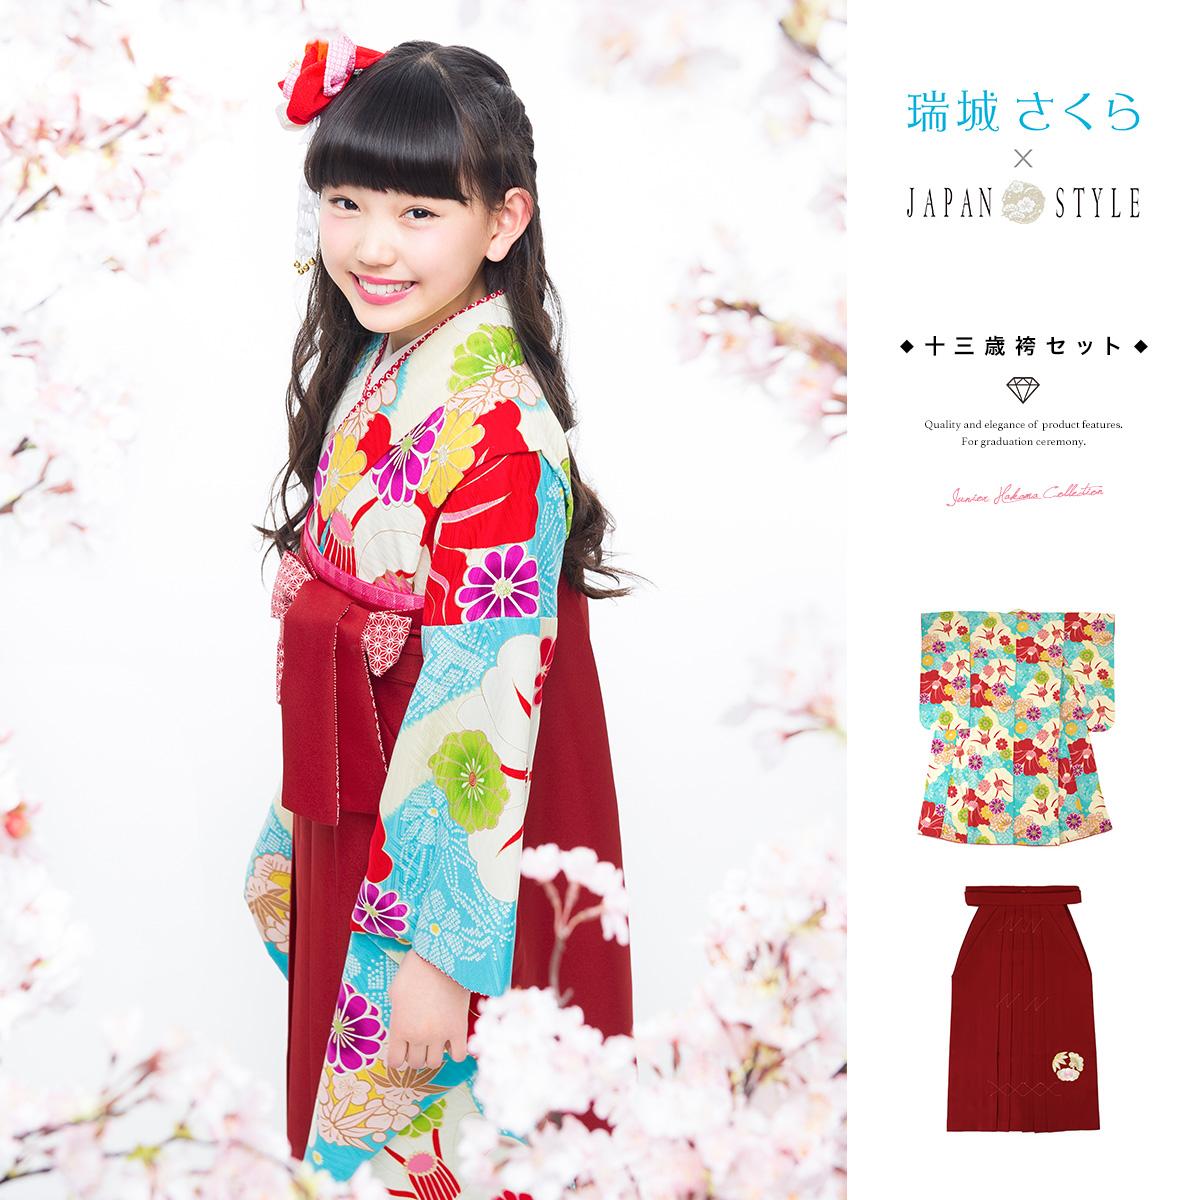 ブランド『JAPANSTYLE×瑞城さくら』卒業式向け着物・袴セット